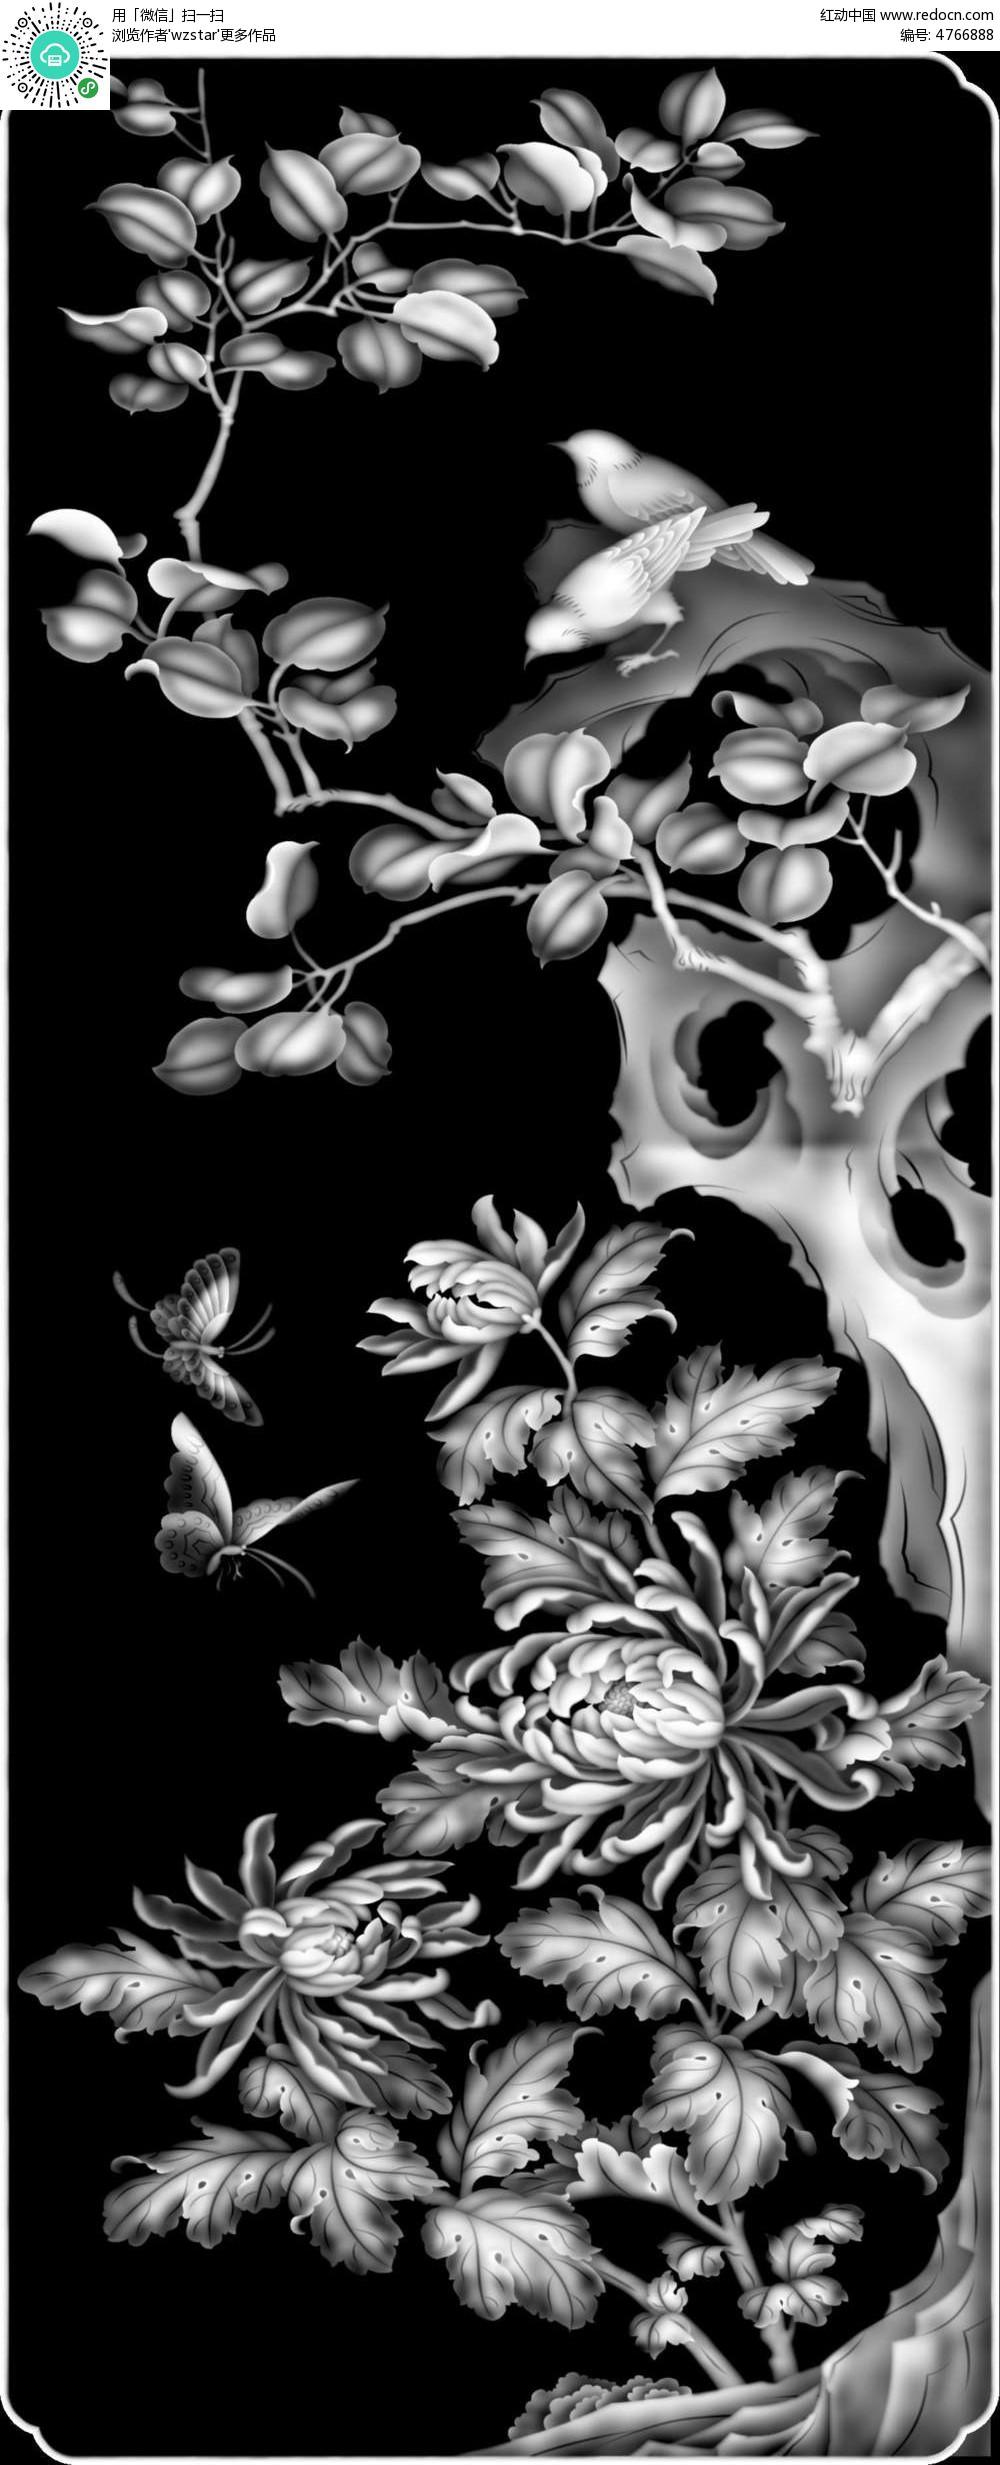 中国风树枝蝴蝶黑白浮雕画